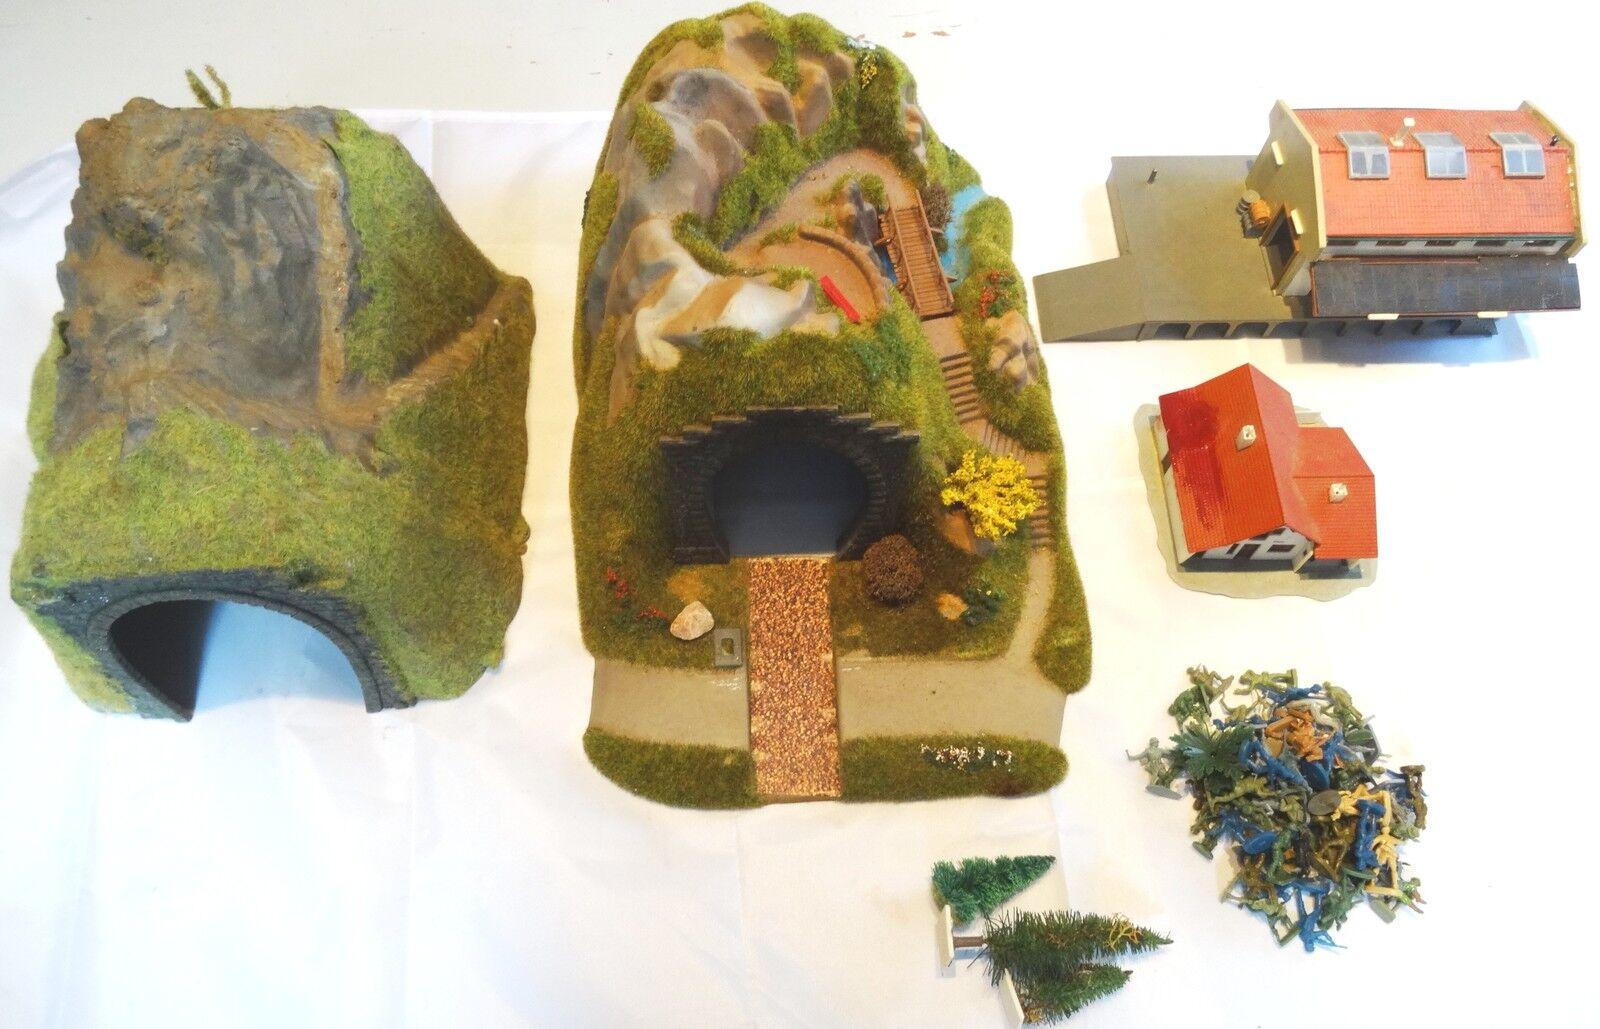 Modello anziane pista h0 la raccolta tunnel CASE edifici alberi personaggi da collezione